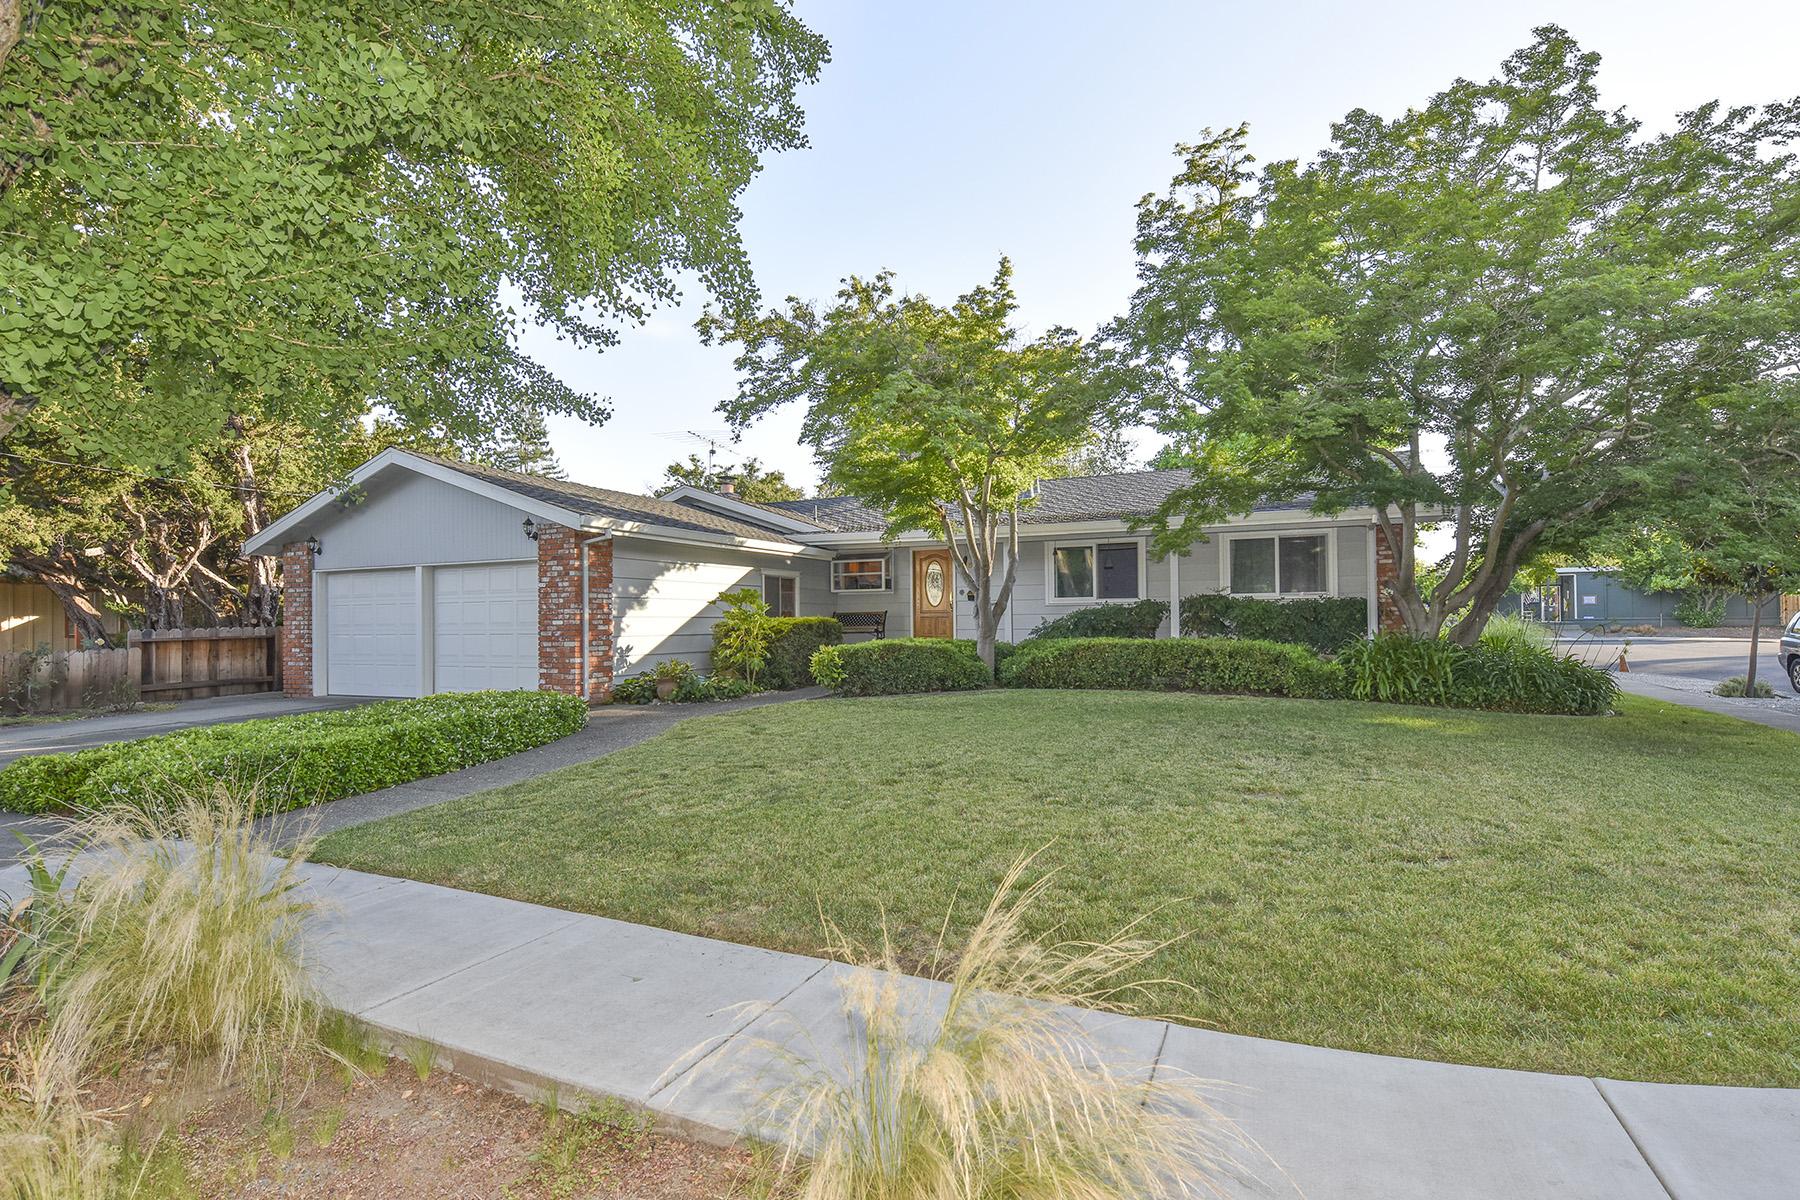 Частный односемейный дом для того Продажа на 3581 Young Ave, Napa, CA 94558 3581 Young Ave Napa, Калифорния, 94558 Соединенные Штаты